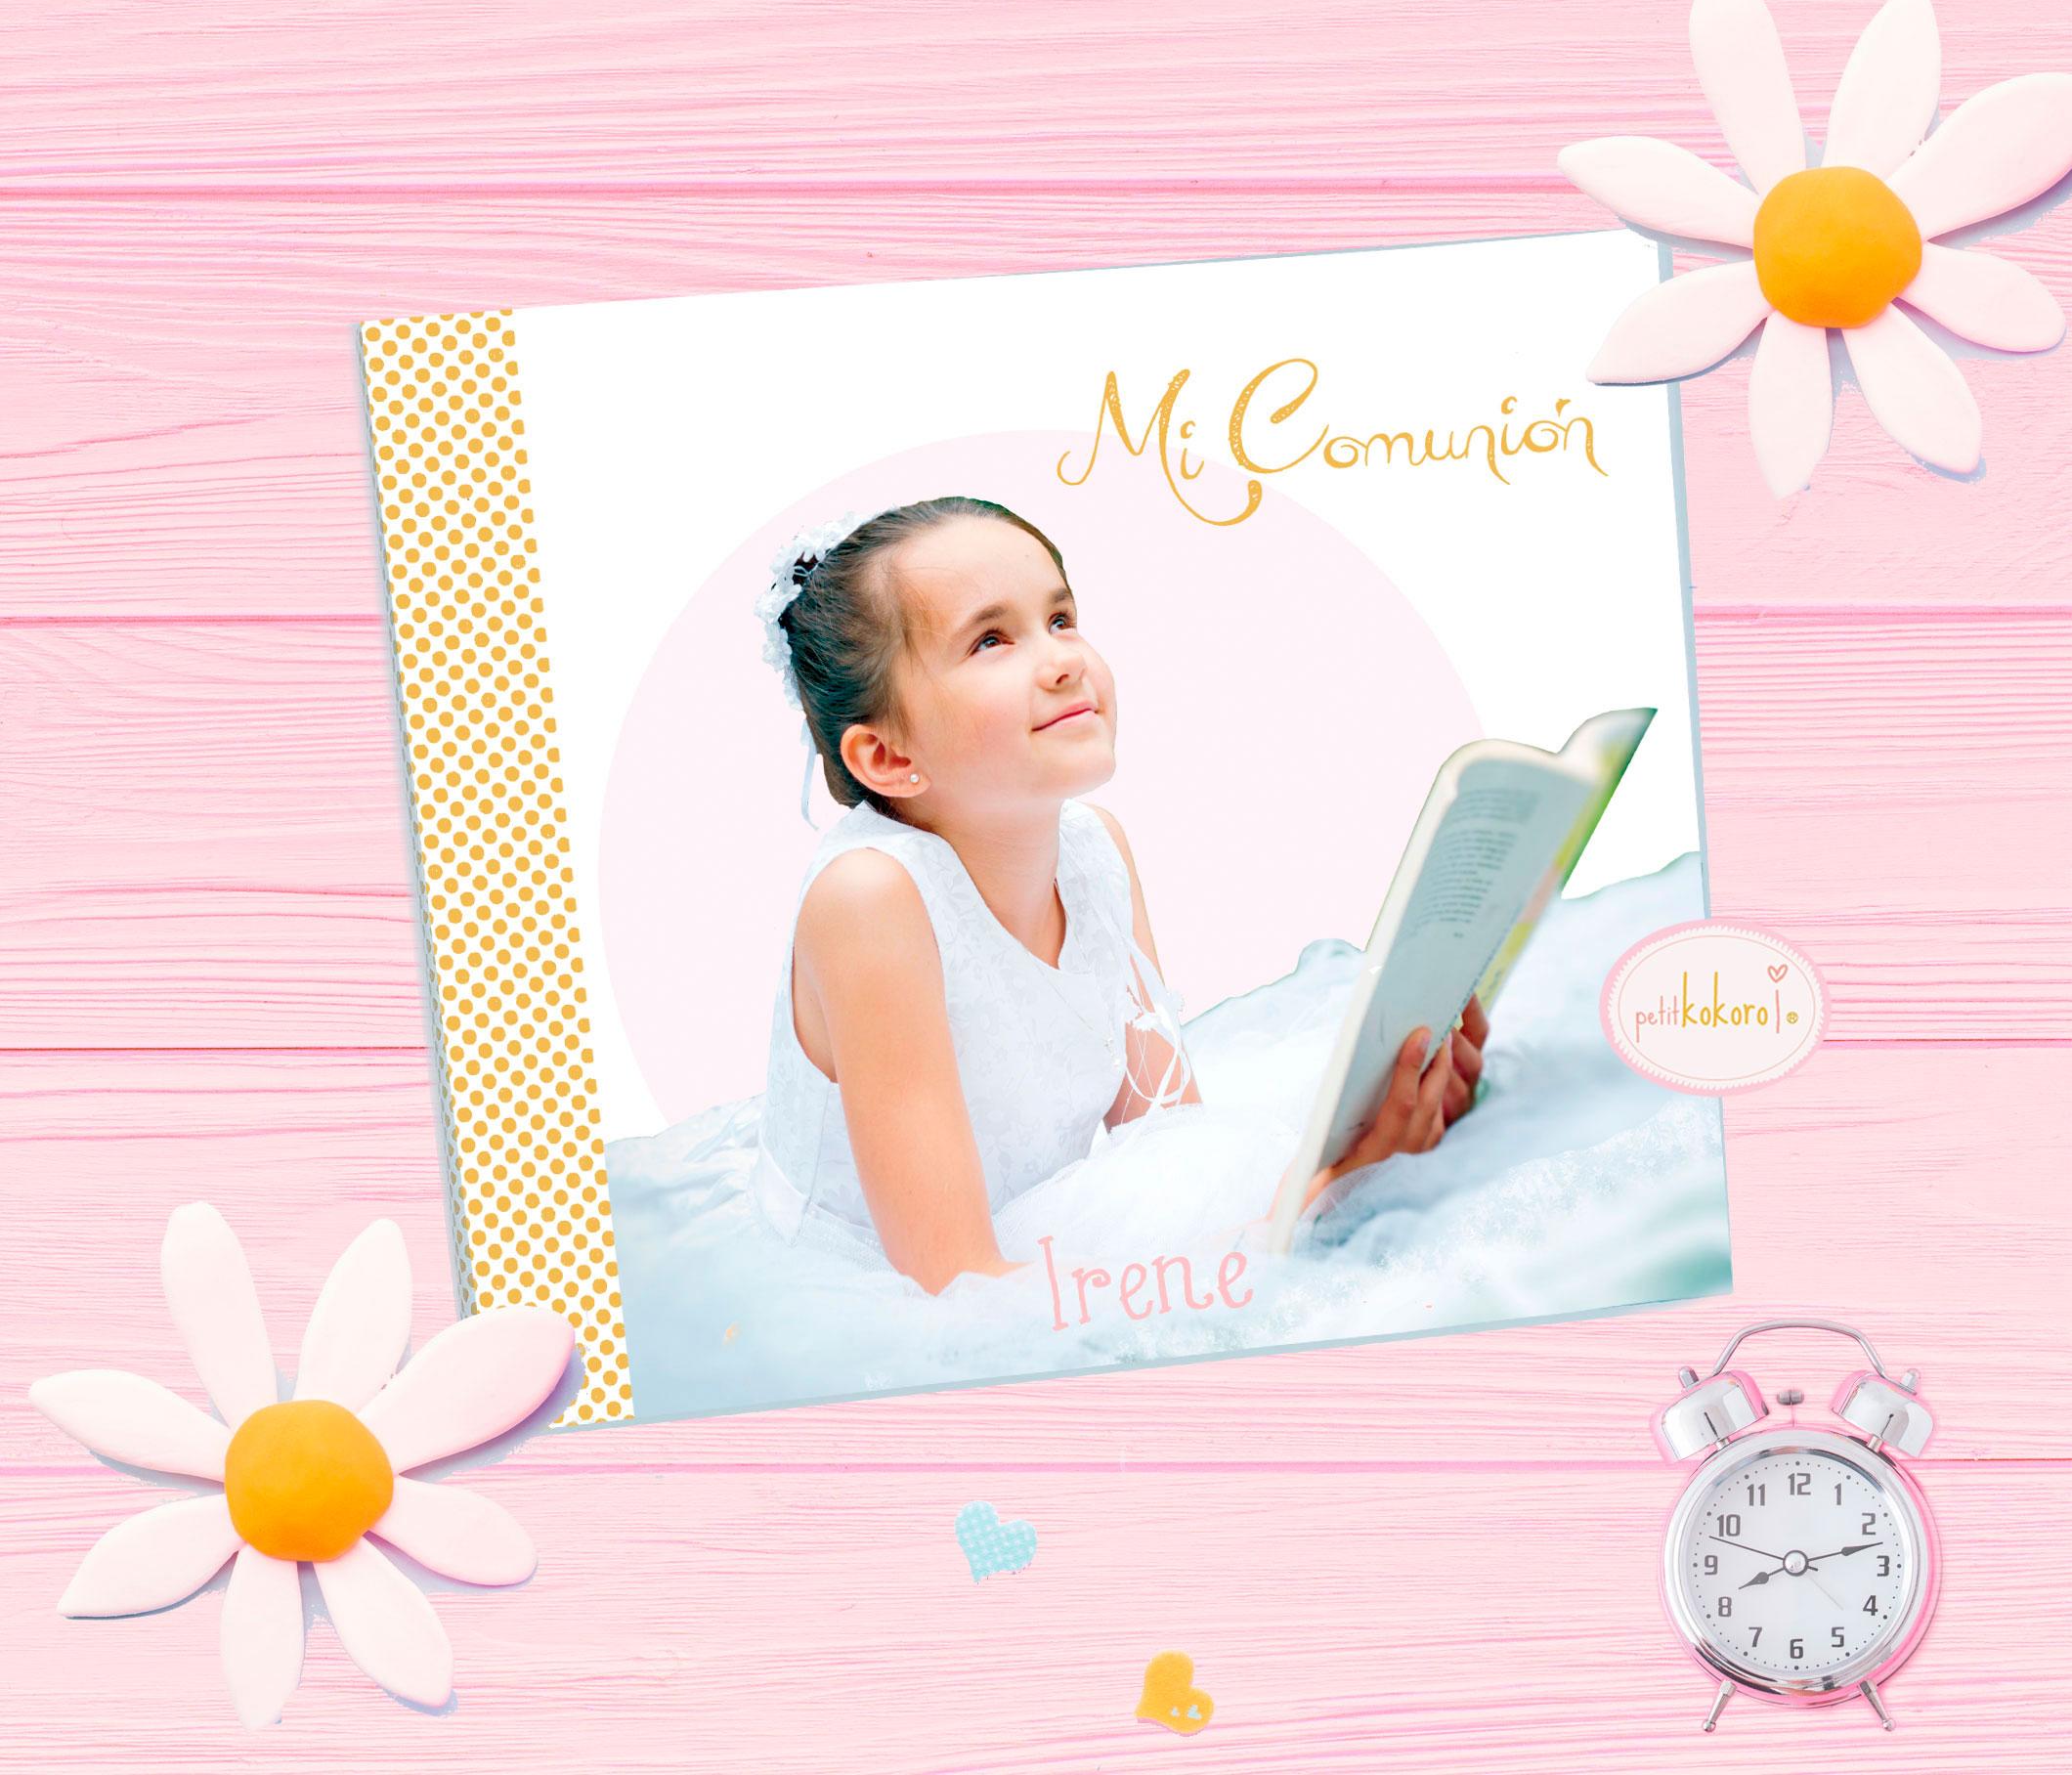 Álbum de comunión niña modelo Irene foto